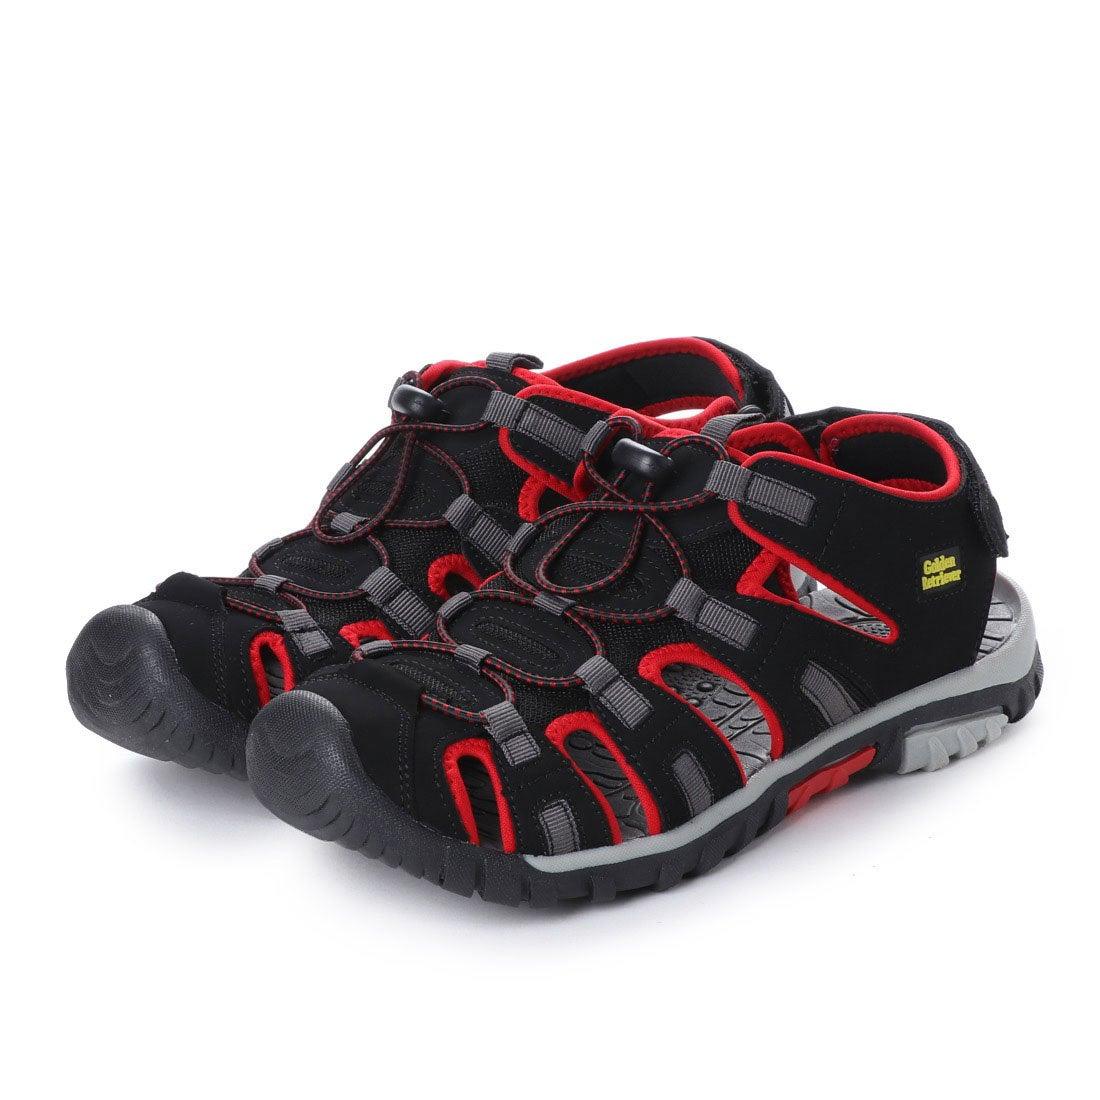 ロコンド 靴とファッションの通販サイトゴールデンレトリバー Golden Retriever 紳士スポーツサンダル (BLACK/RED)